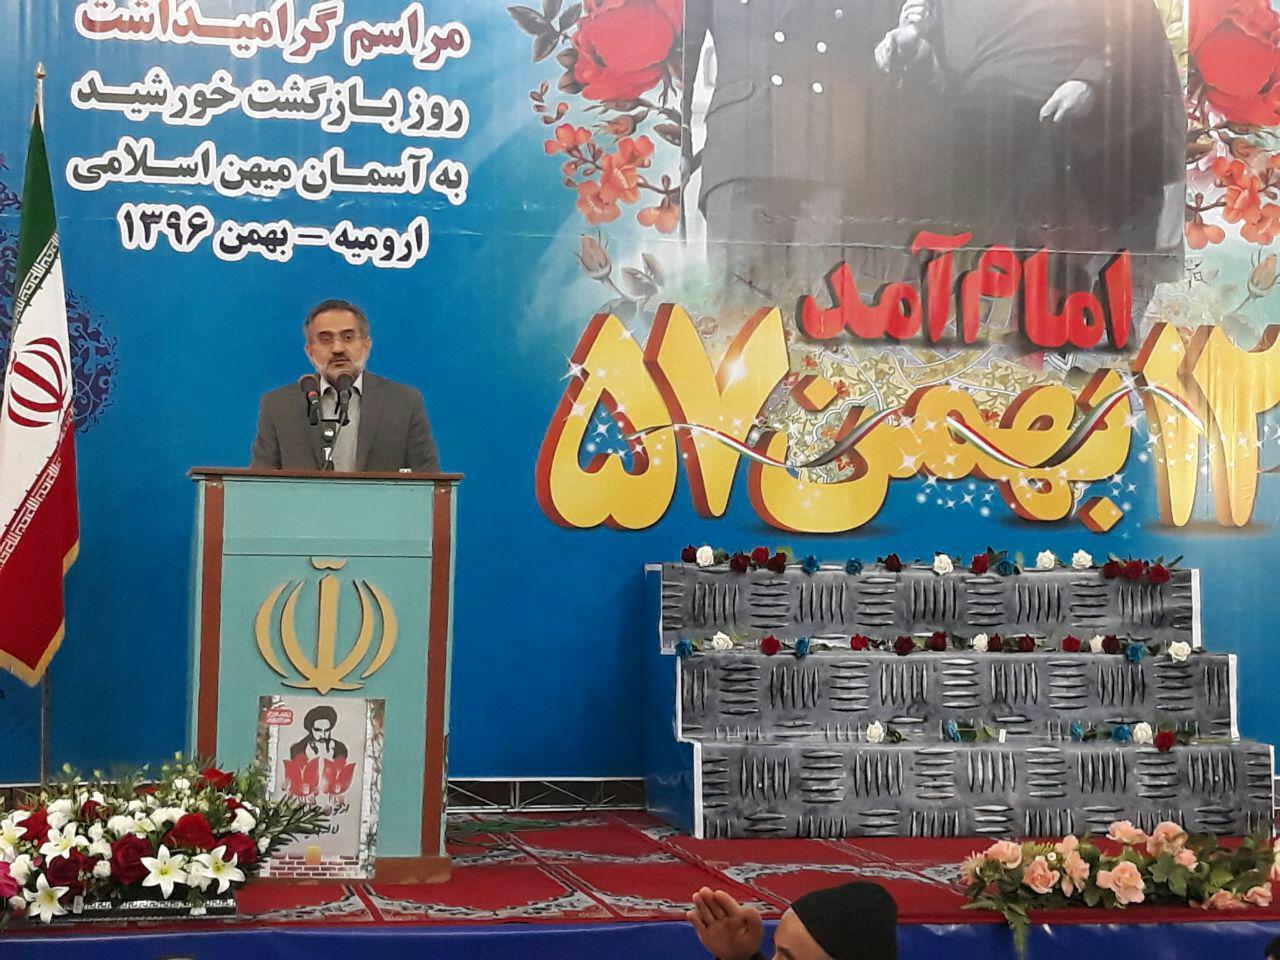 دوازده بهمن روز شروع قدرت اسلام/کوتاهی مسئولان را به پای انقلاب ننویسید.